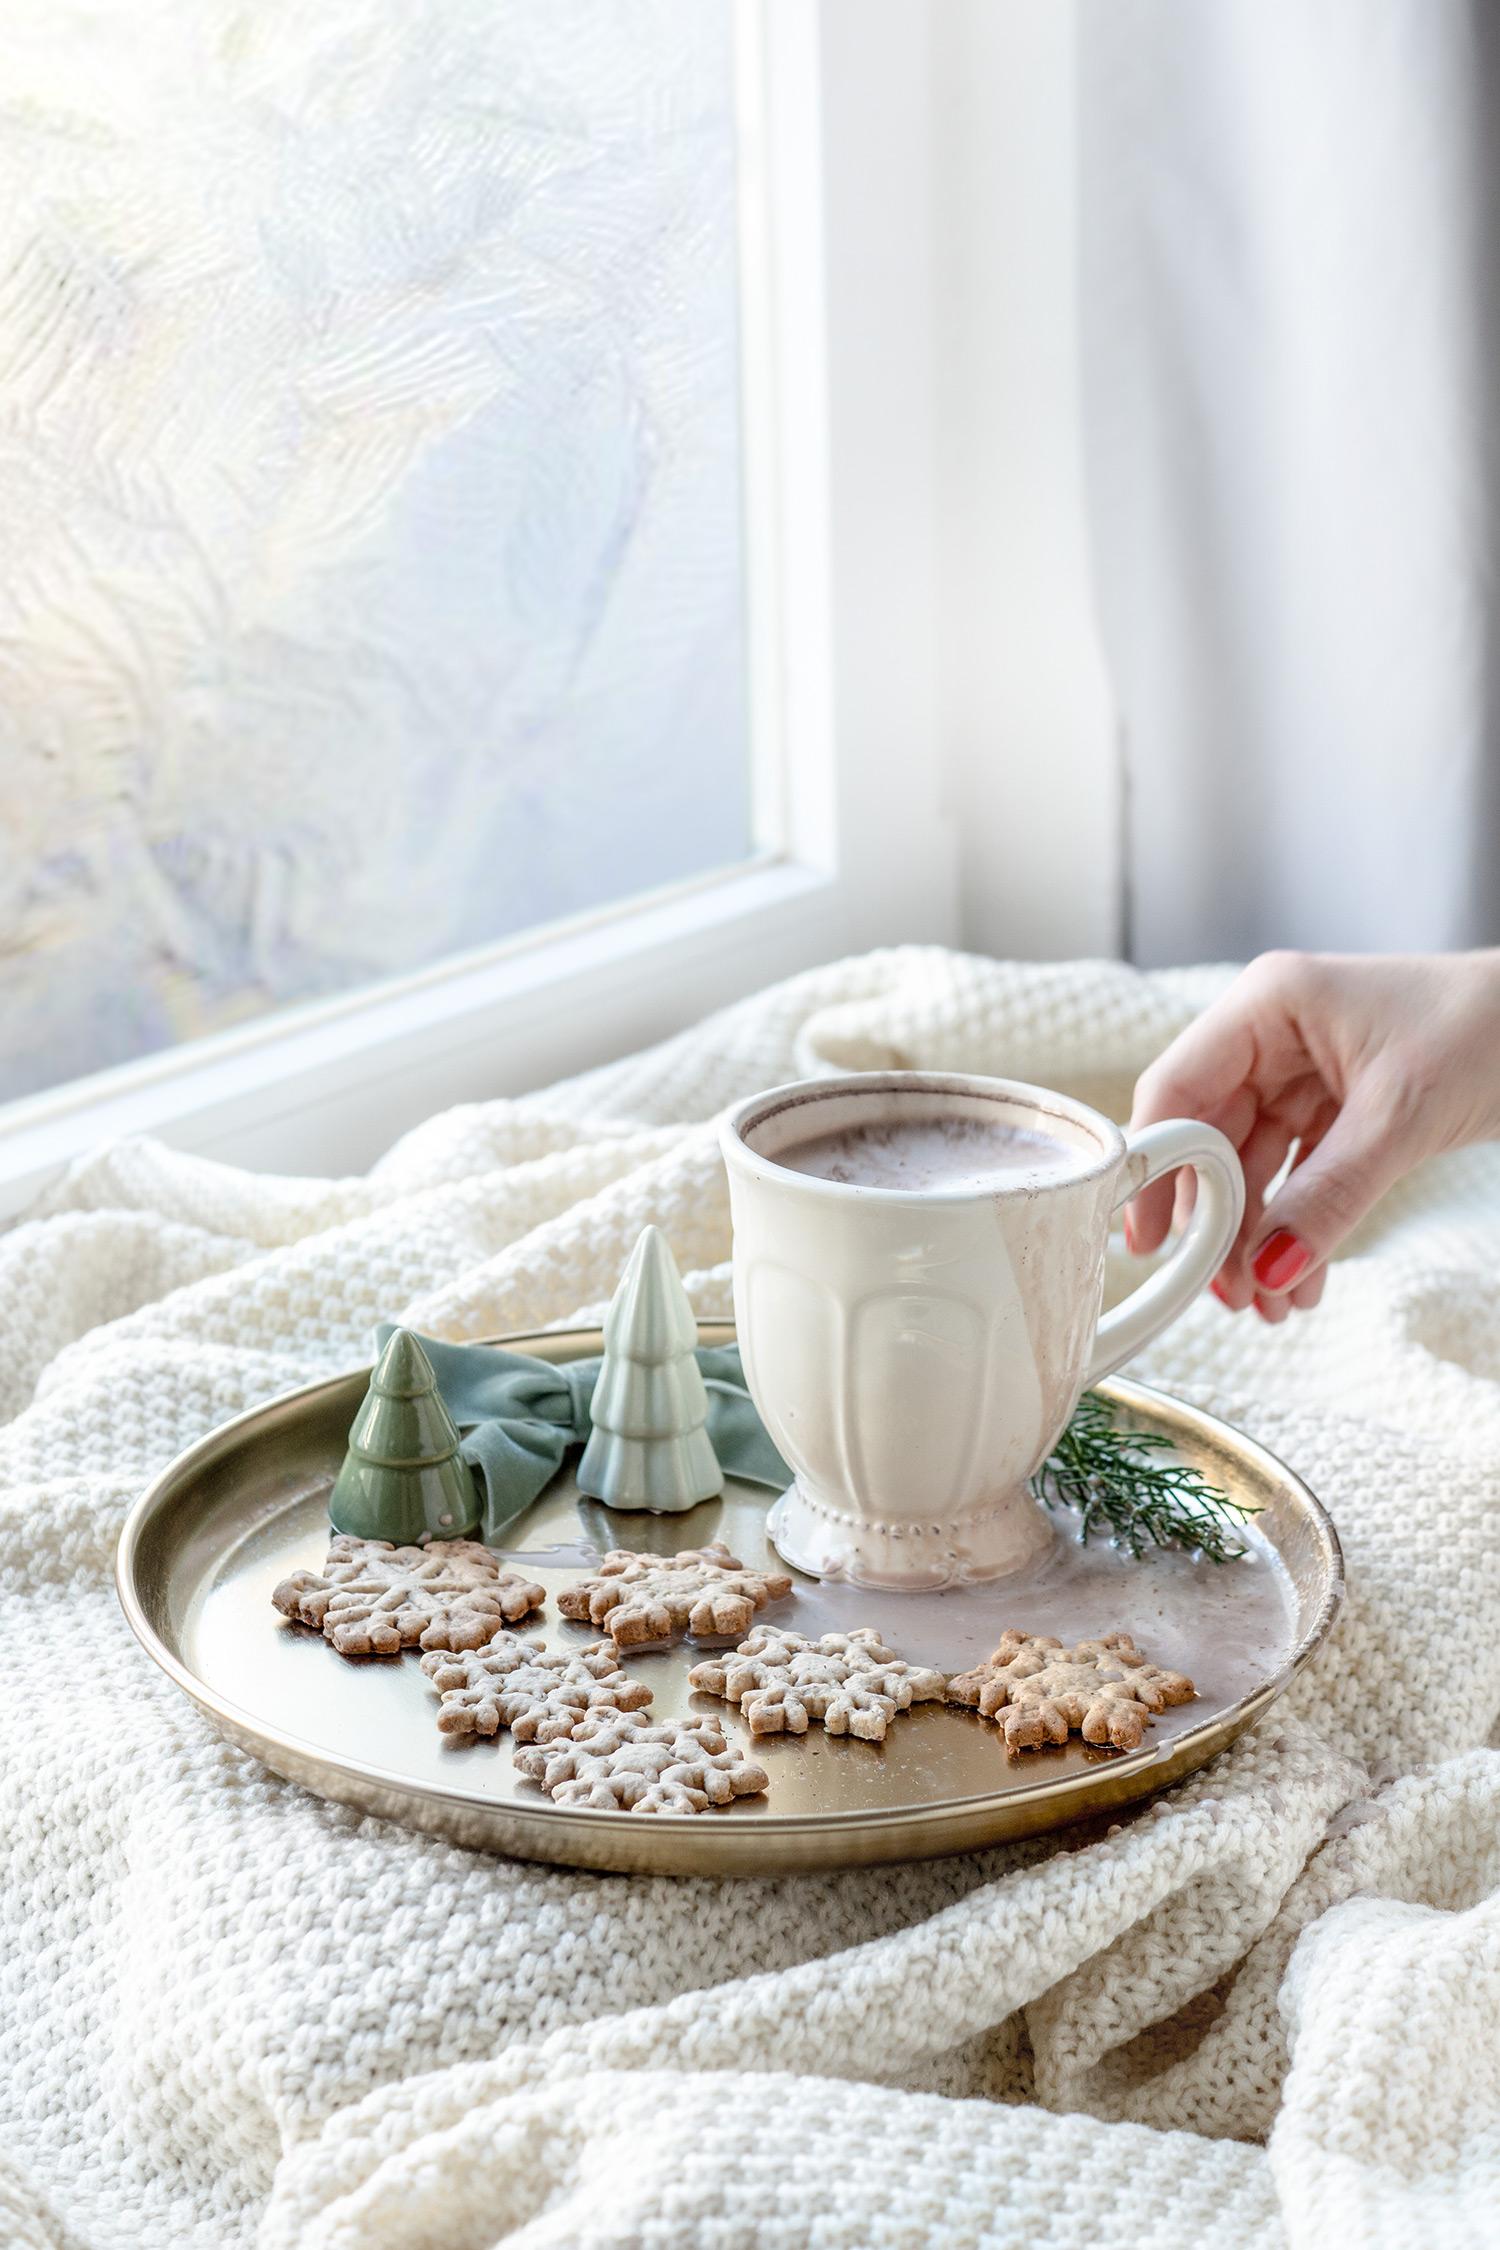 Kekse mit einer Tasse Schokolade